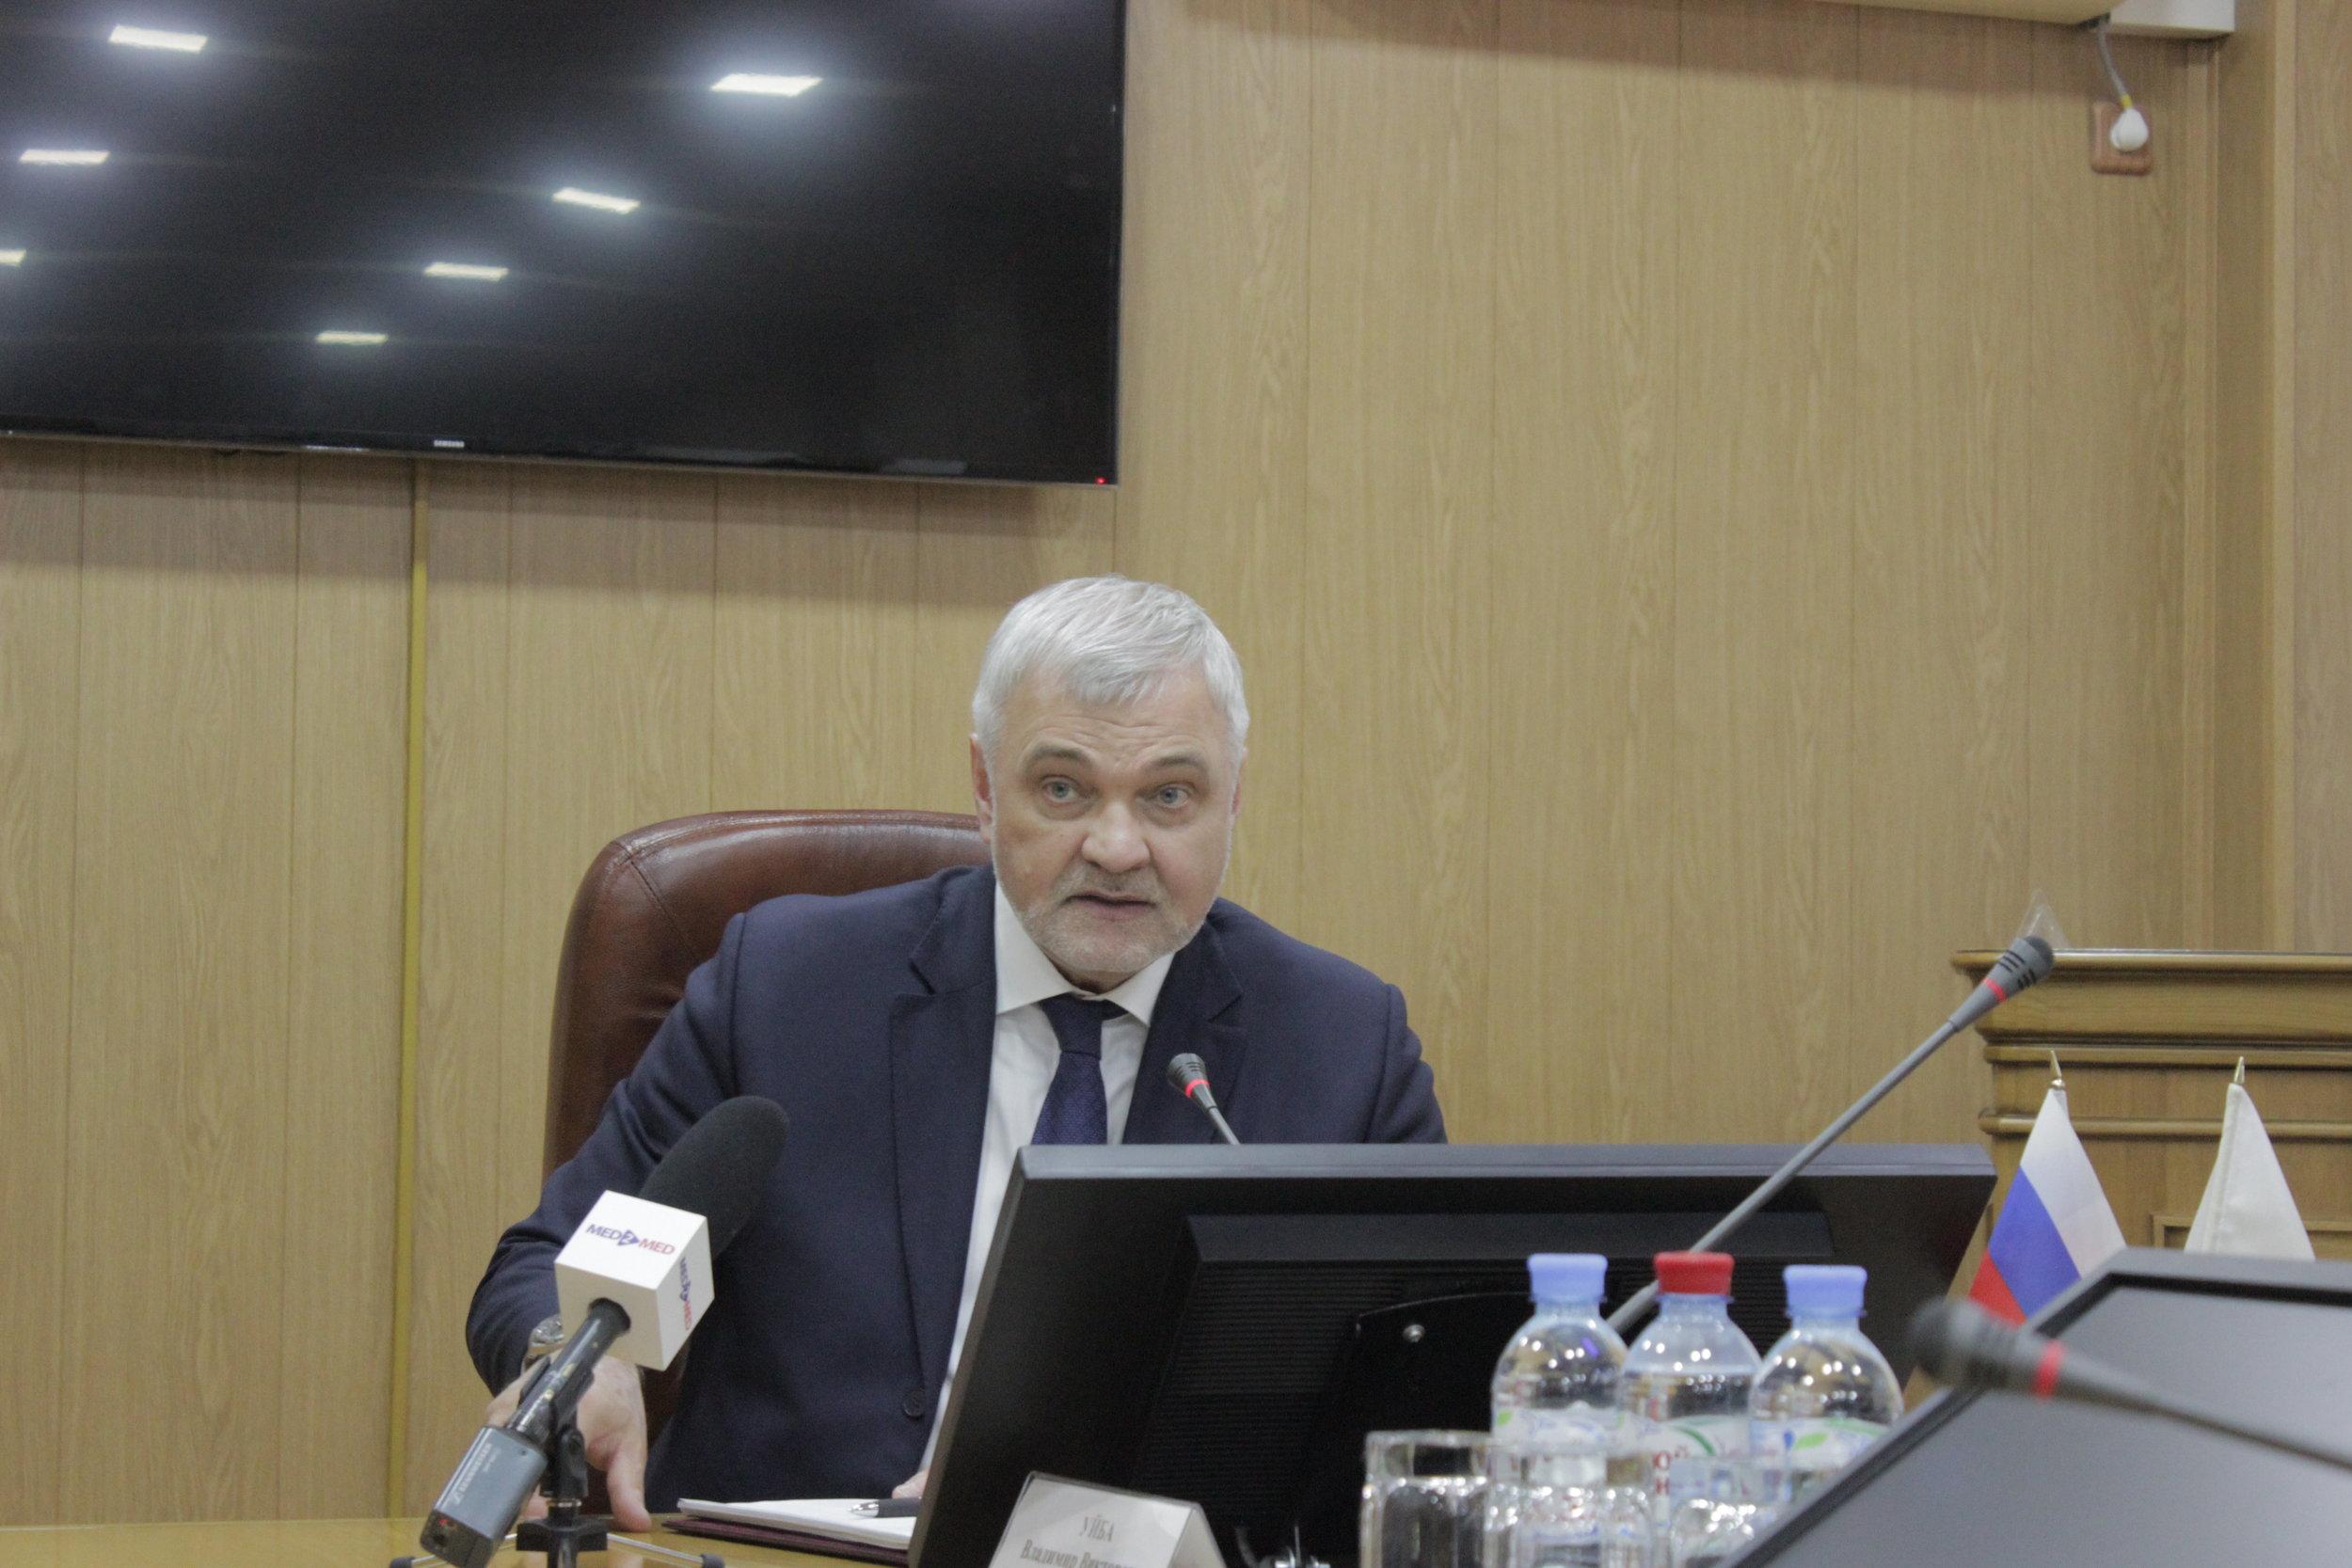 Руководитель Федерального медико-биологического агентства России Владимир Уйба провел пресс-конференцию по итогам работы ФМБА в 2017 году